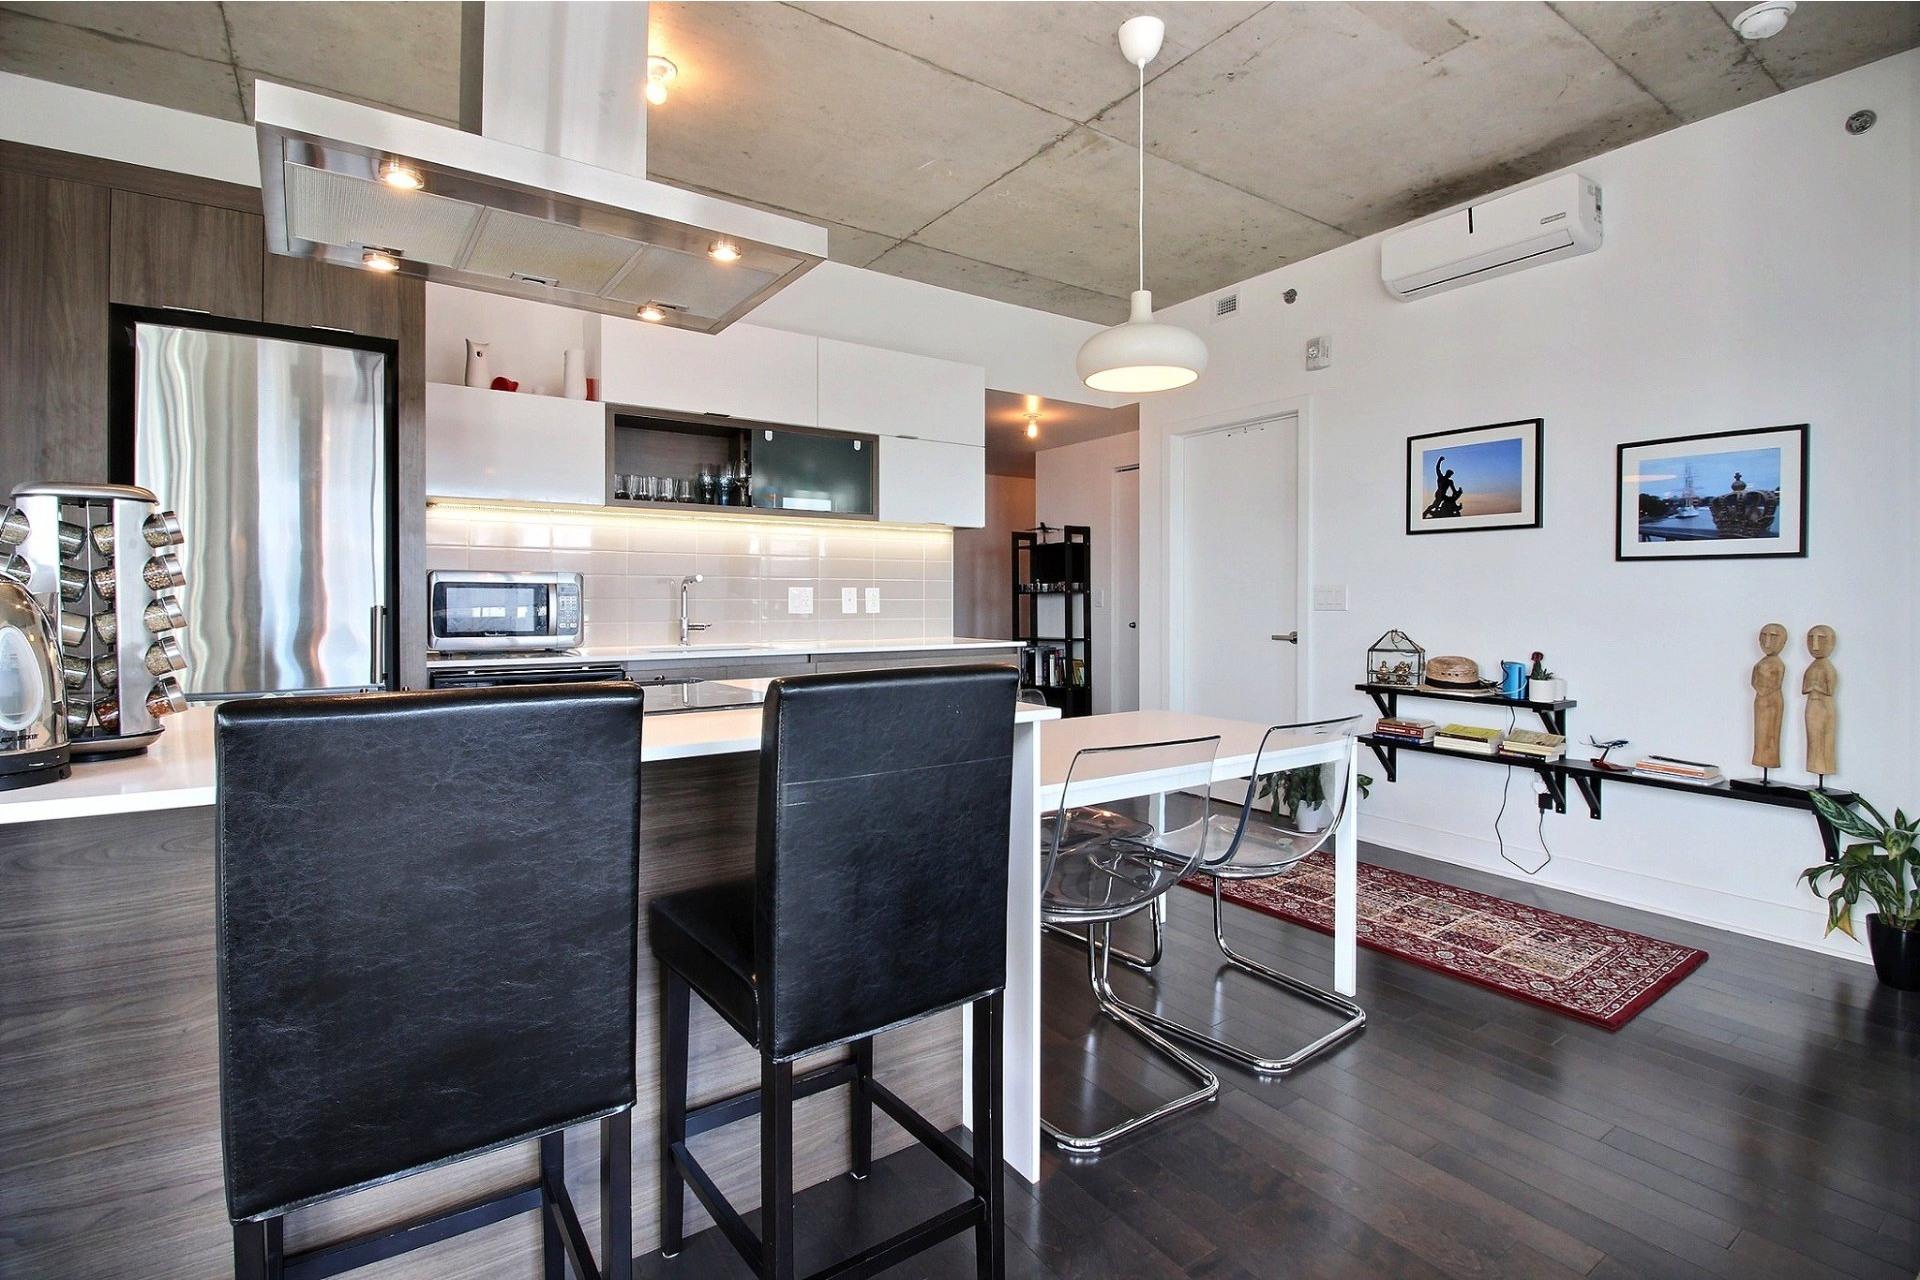 image 5 - Appartement À louer Montréal Le Sud-Ouest  - 6 pièces